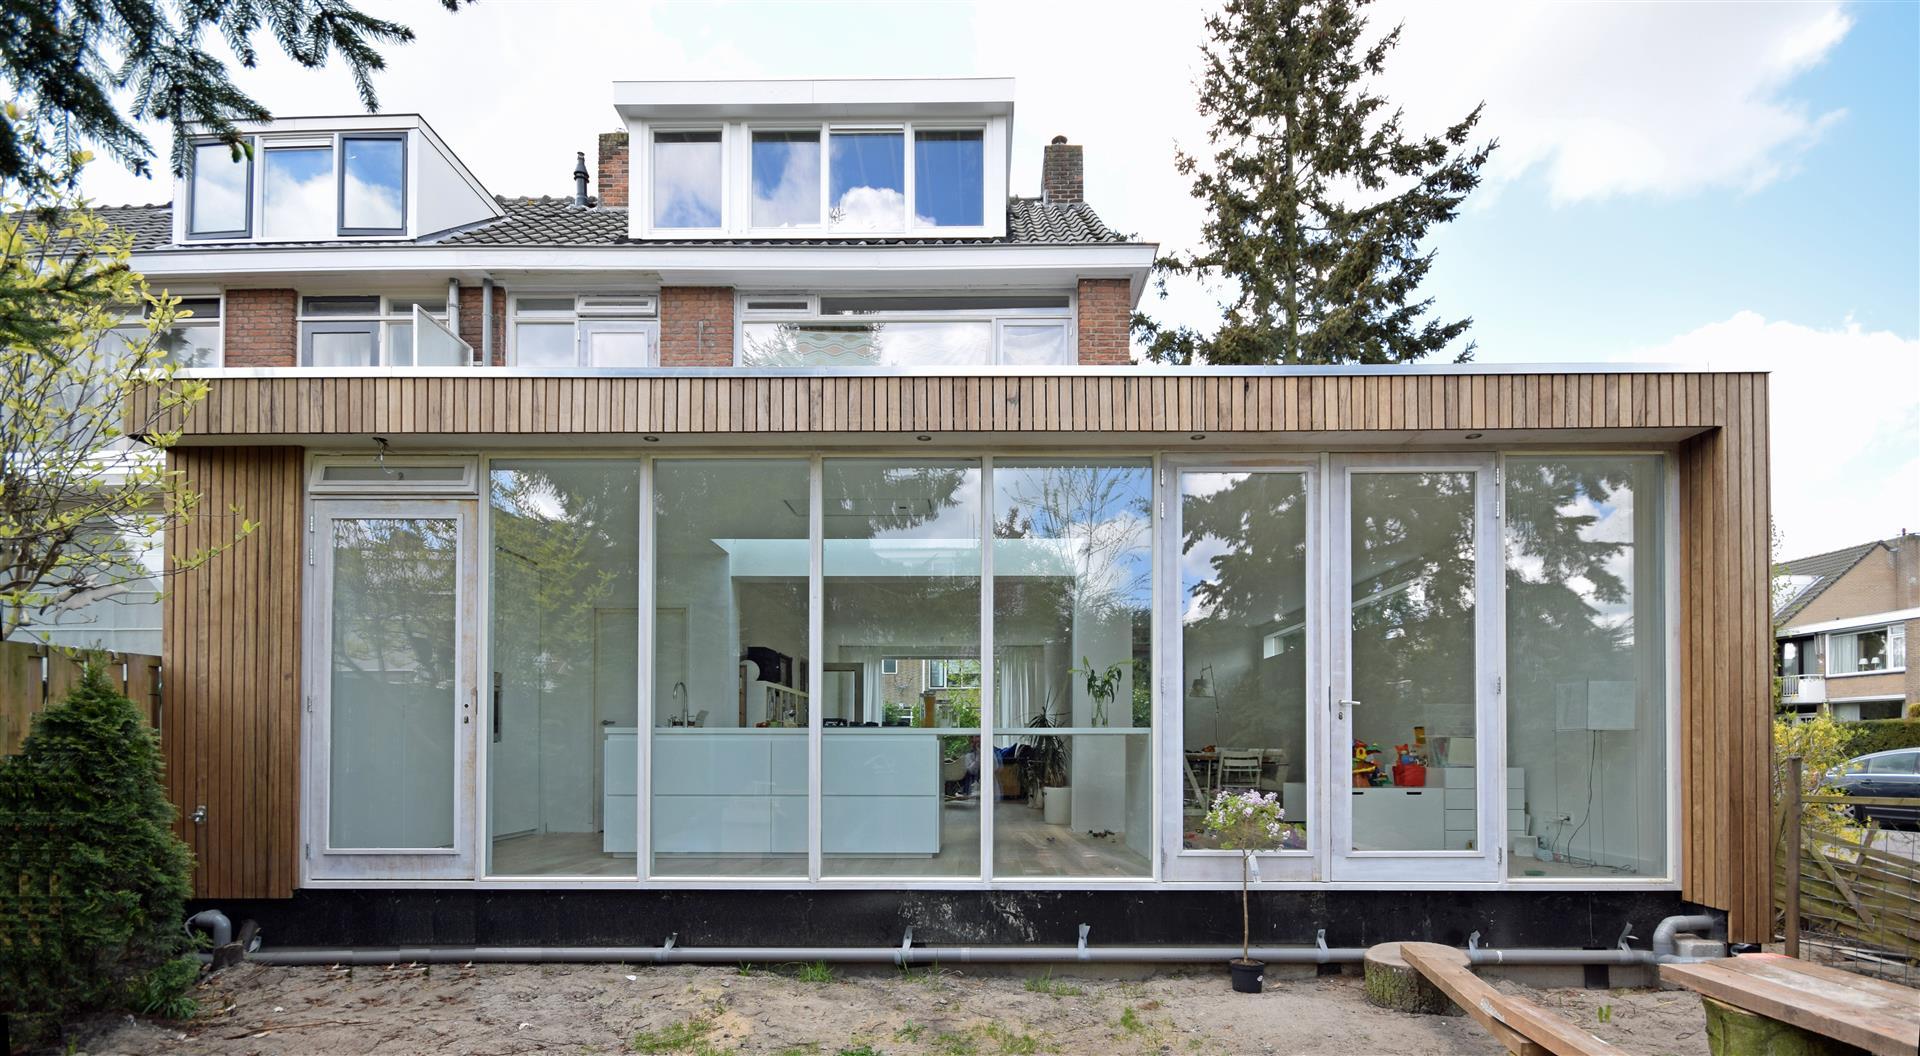 Kosten Aanbouw Badkamer : Kosten badkamer aanbouwen u2013 devolonter.info